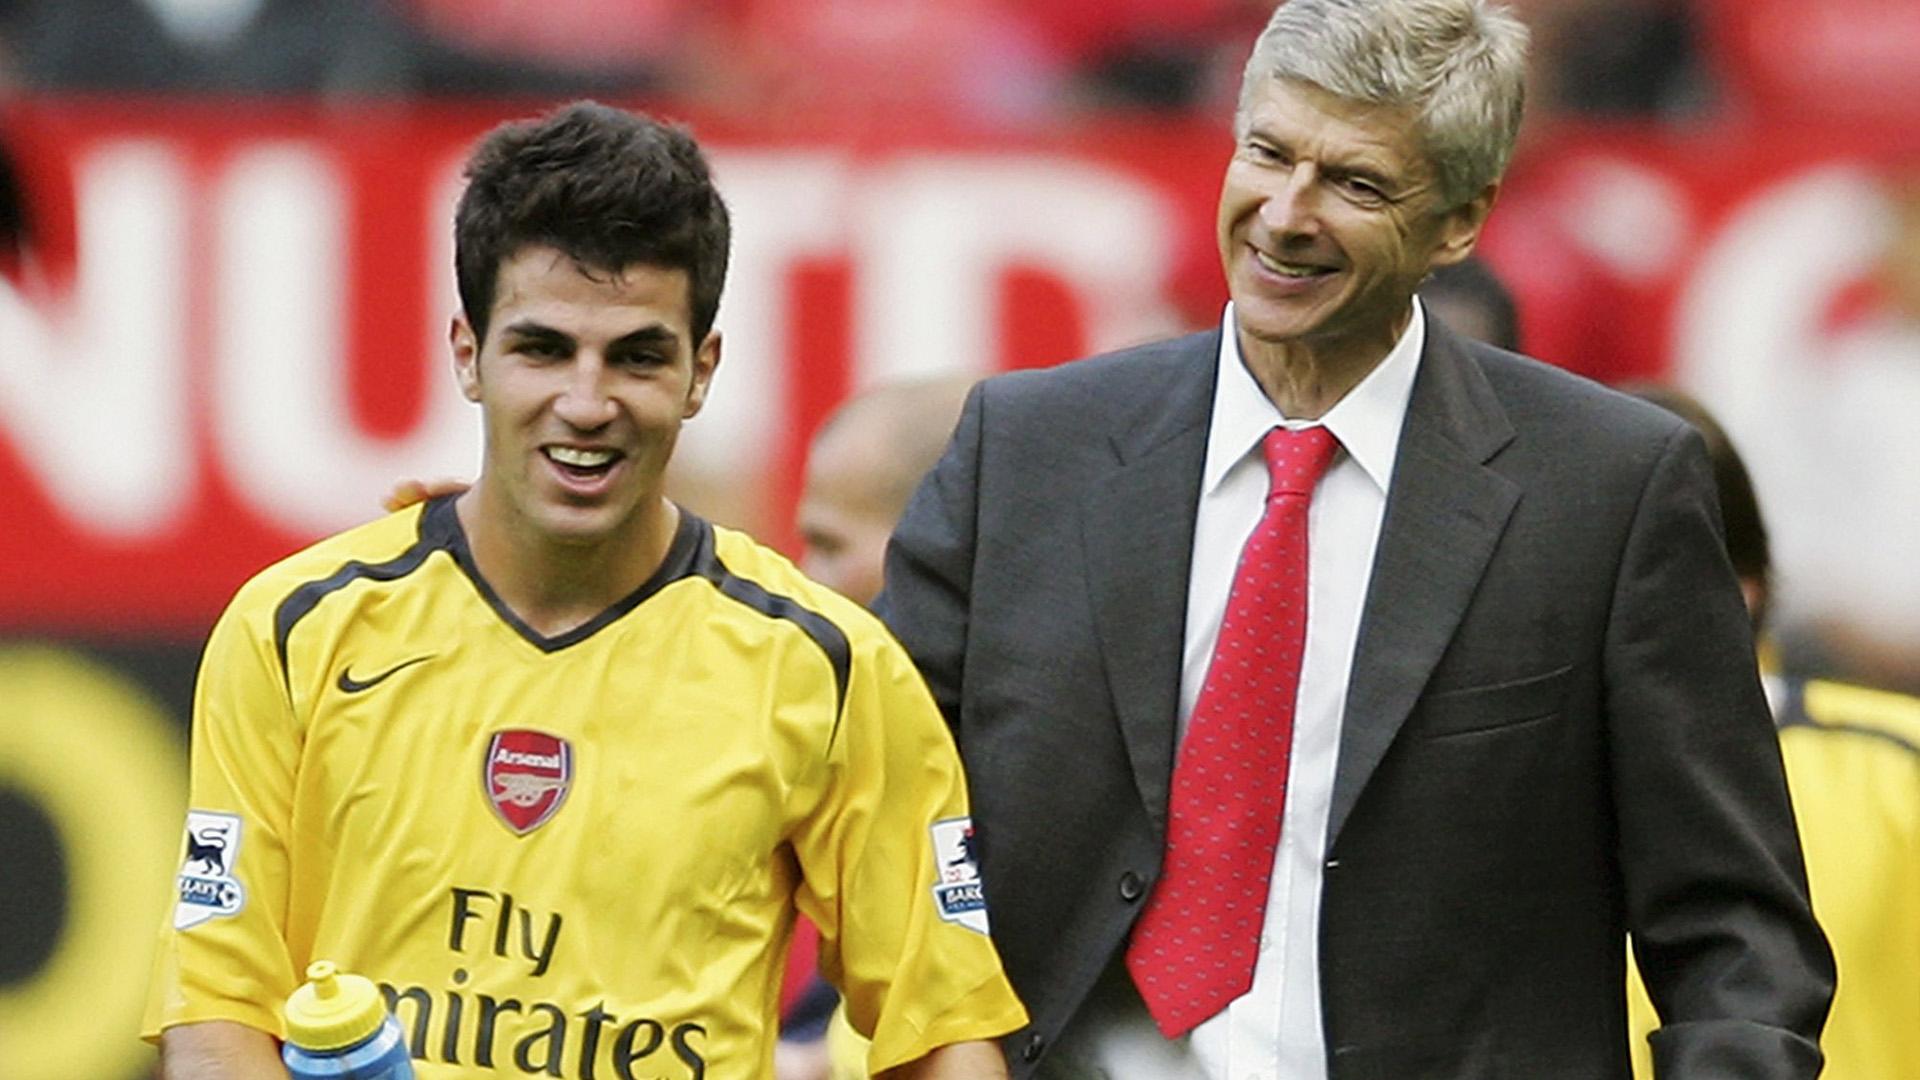 Cesc Fabregas and Arsene Wenger, FC Arsenal